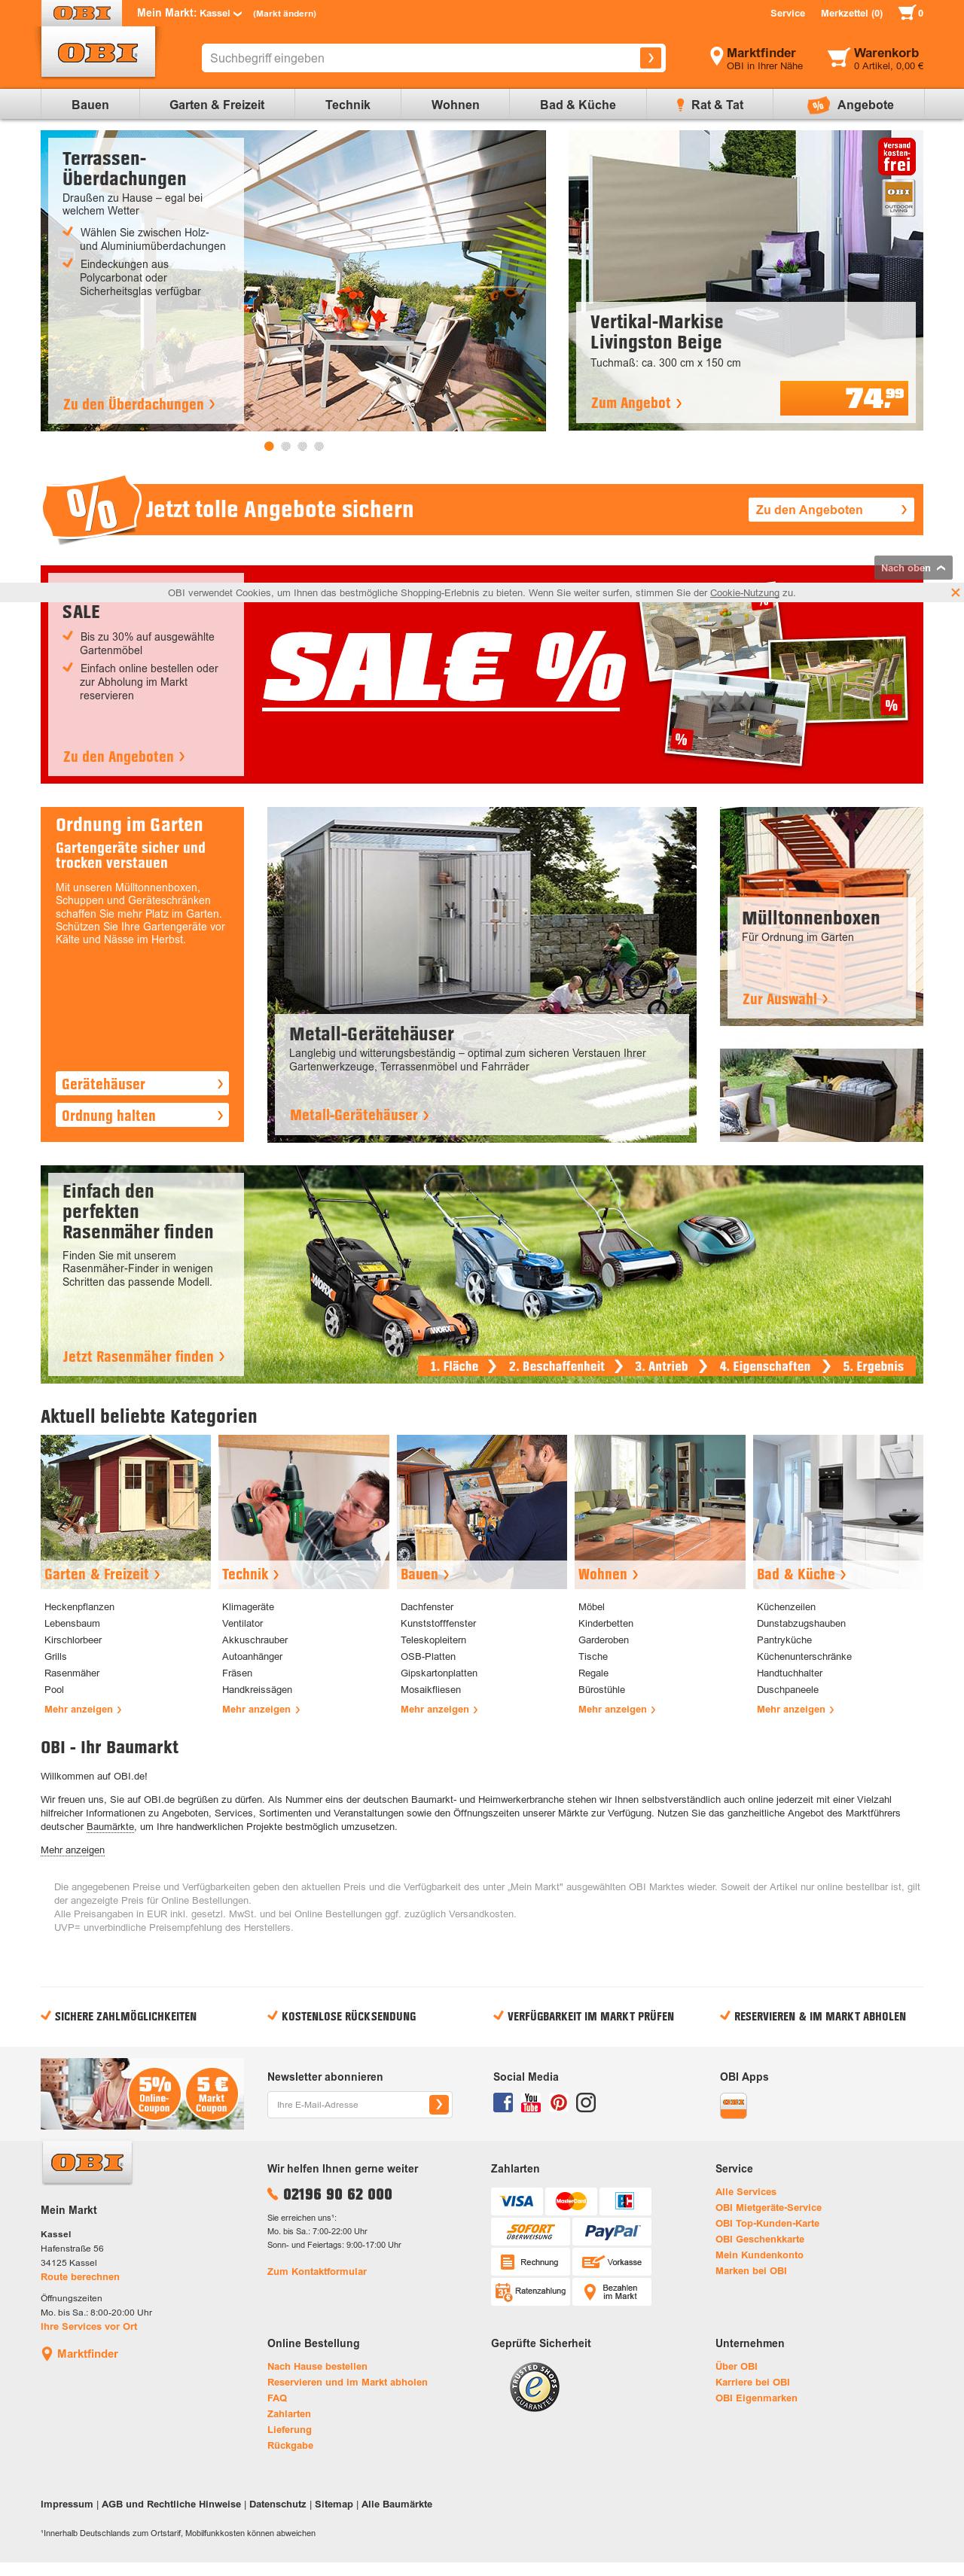 OBI Baumarkt & line Shop alles für Heim Haus Garten und Bau